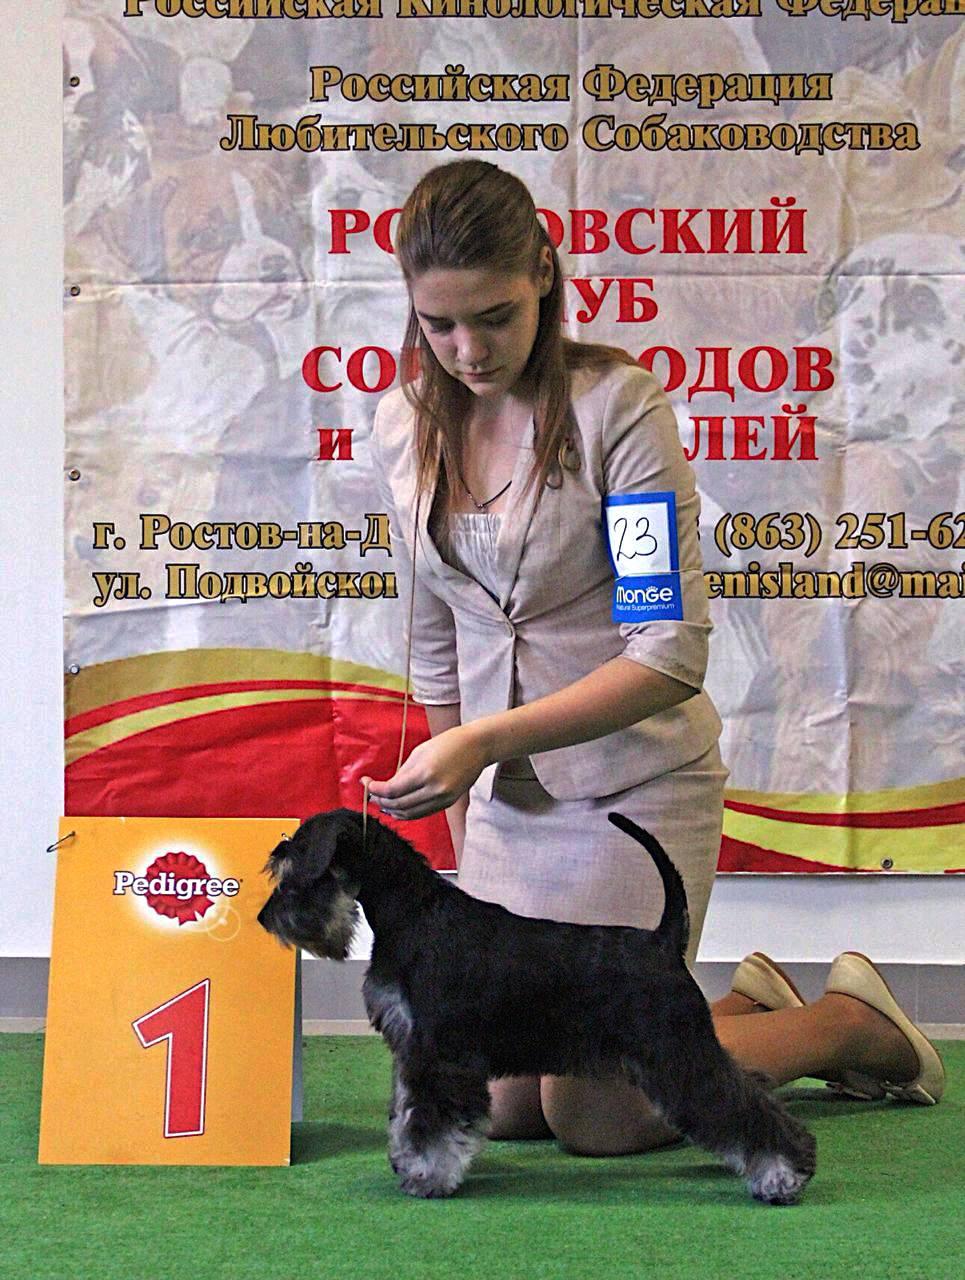 http://forumupload.ru/uploads/0013/26/e2/64/749576.jpg